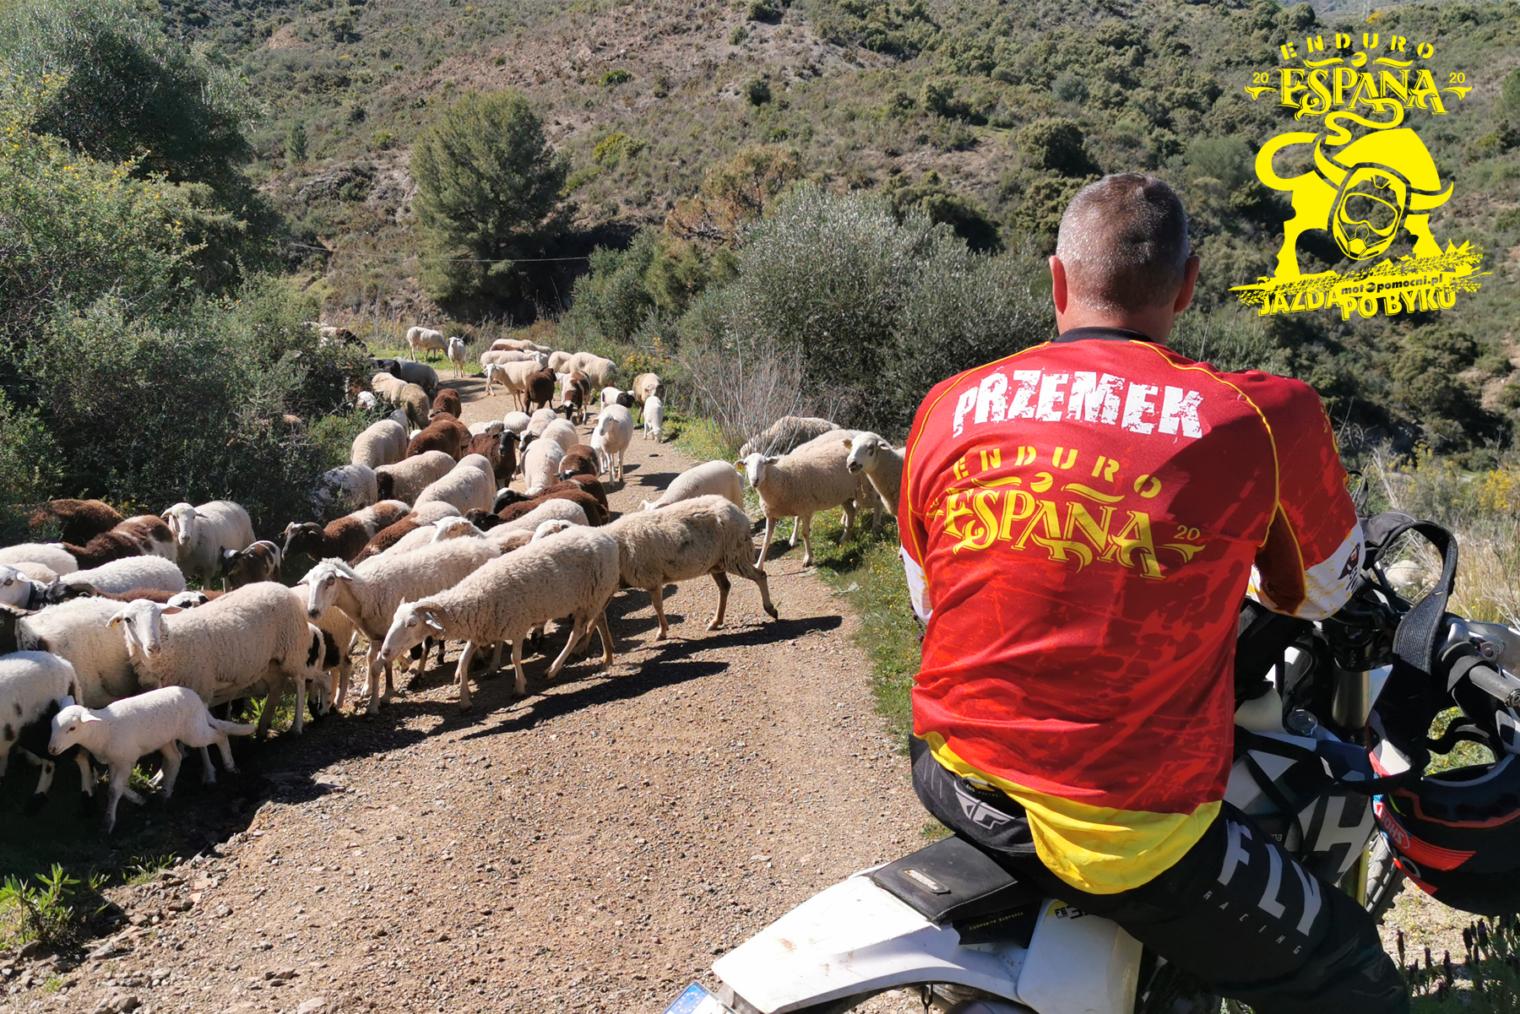 enduro_hiszpania_andaluzja